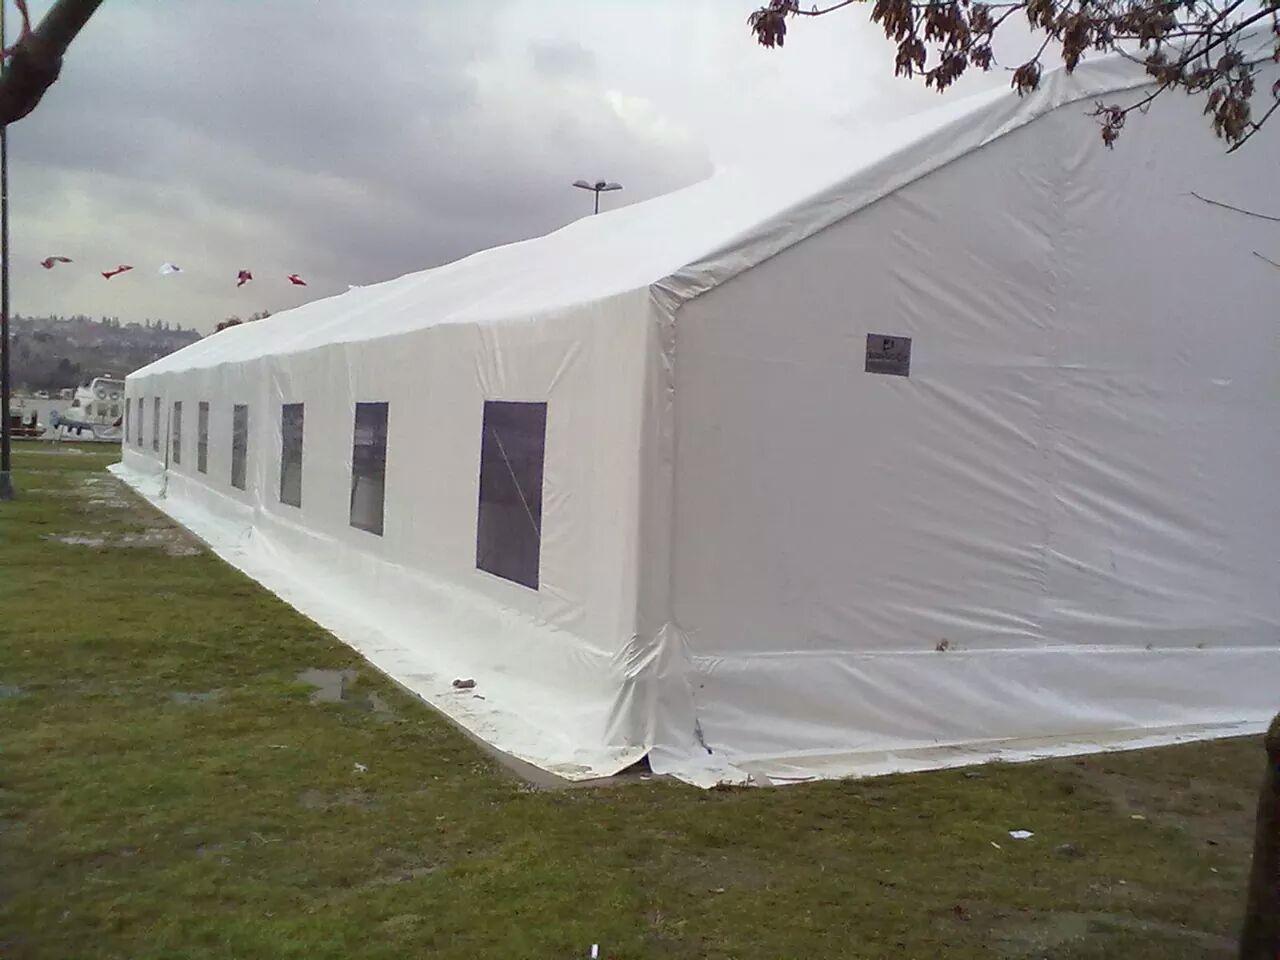 Kiralık Ramazan Çadırı | Çadır Branda İmalatı 0212 477 17 16